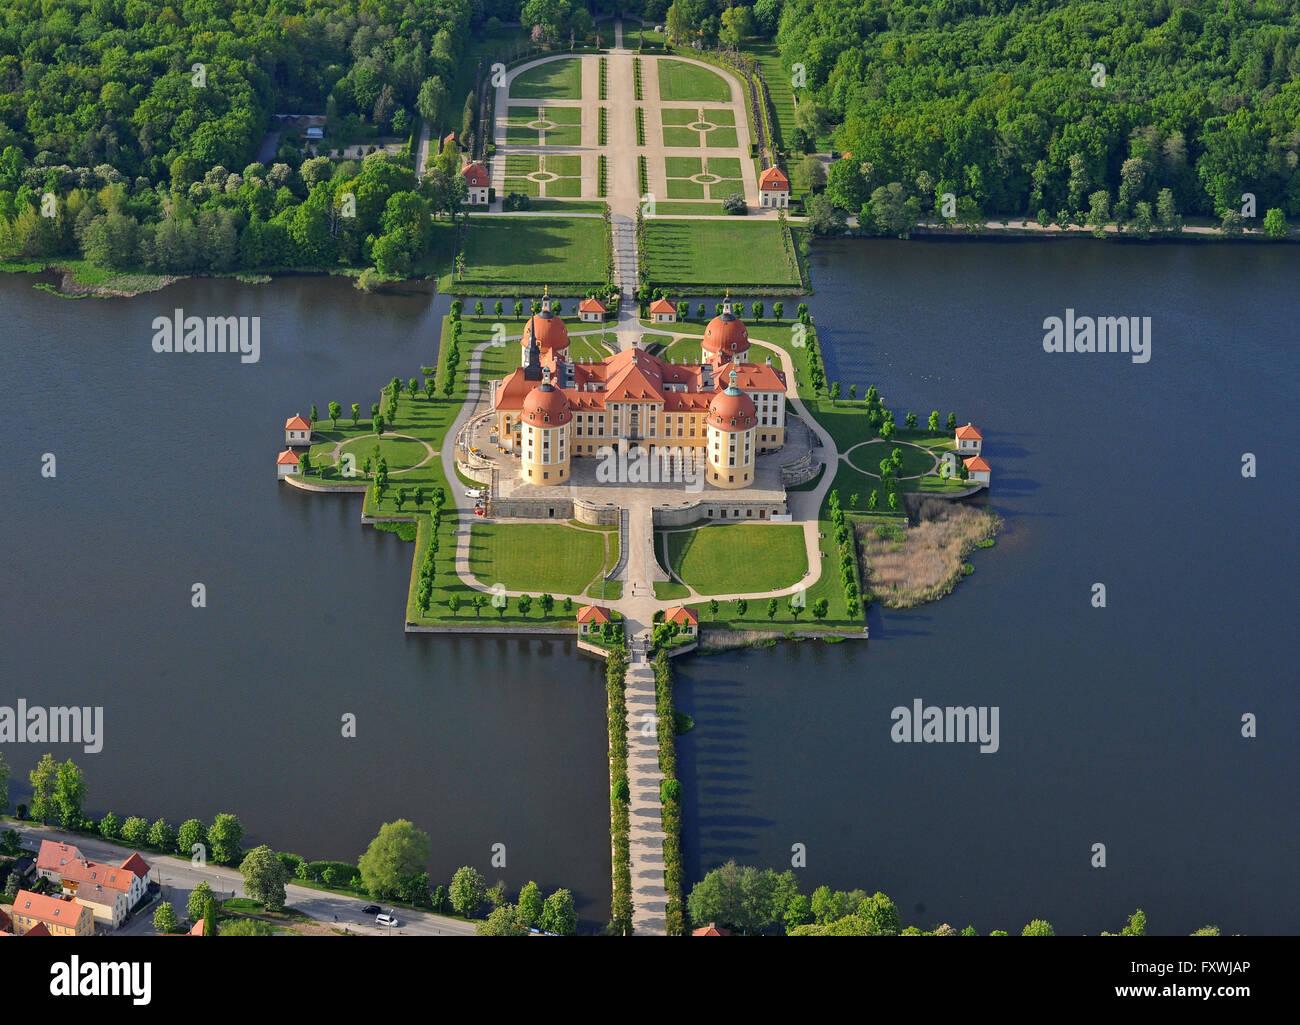 Das Schloss Moritzburg (Sachsen), das einstige Jagdschloss der Wettiner, aufgenommen am 11.05.2013. Schloss Moritzburg Immagini Stock